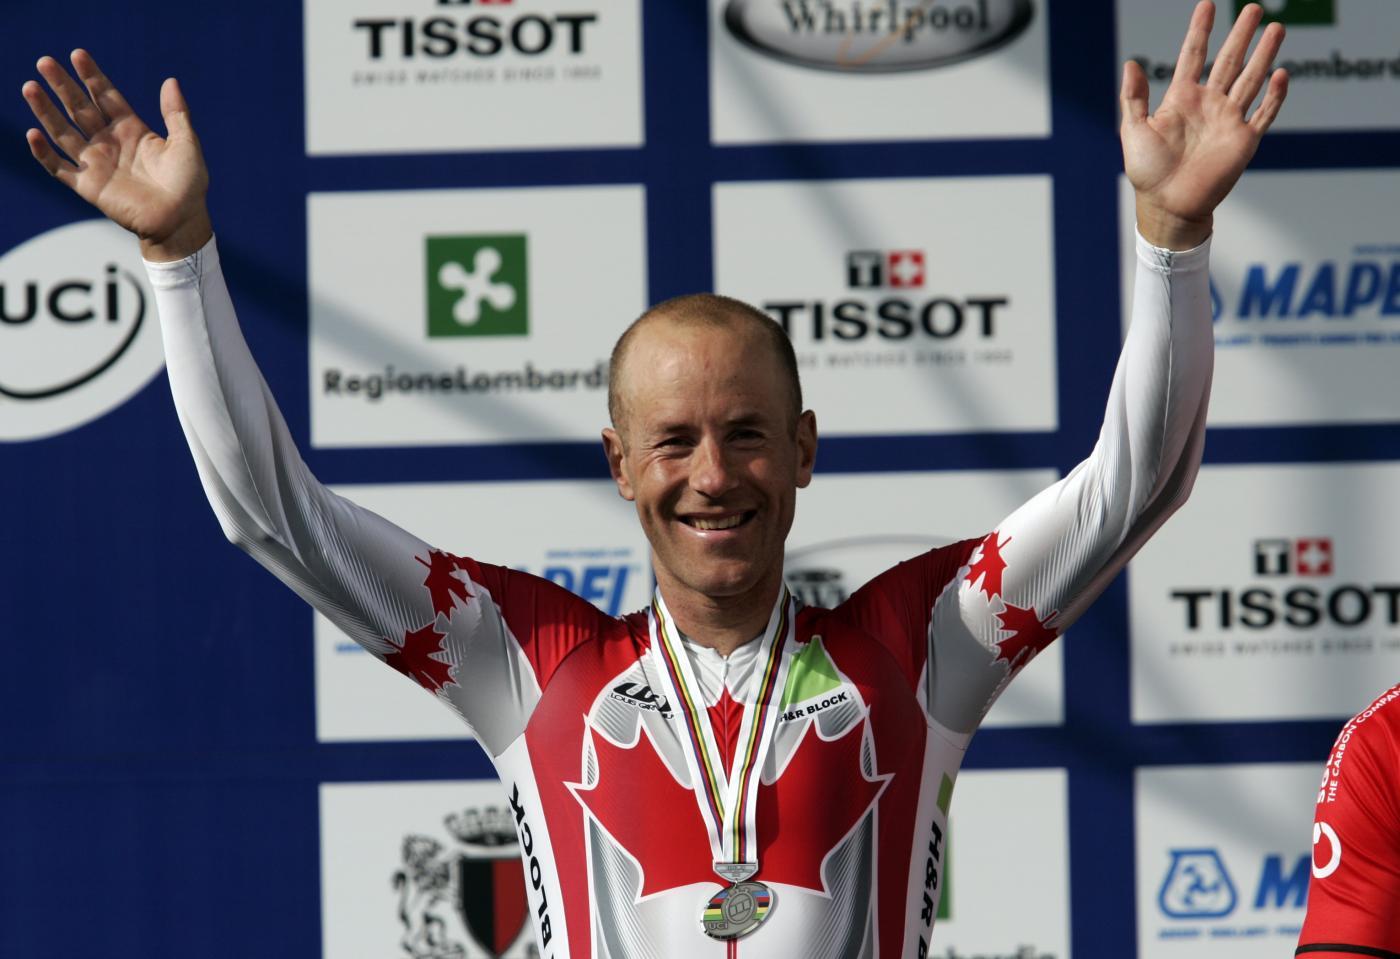 Giro d'Italia 2014: Svein Tuft festeggia il 37esimo compleanno con la maglia rosa